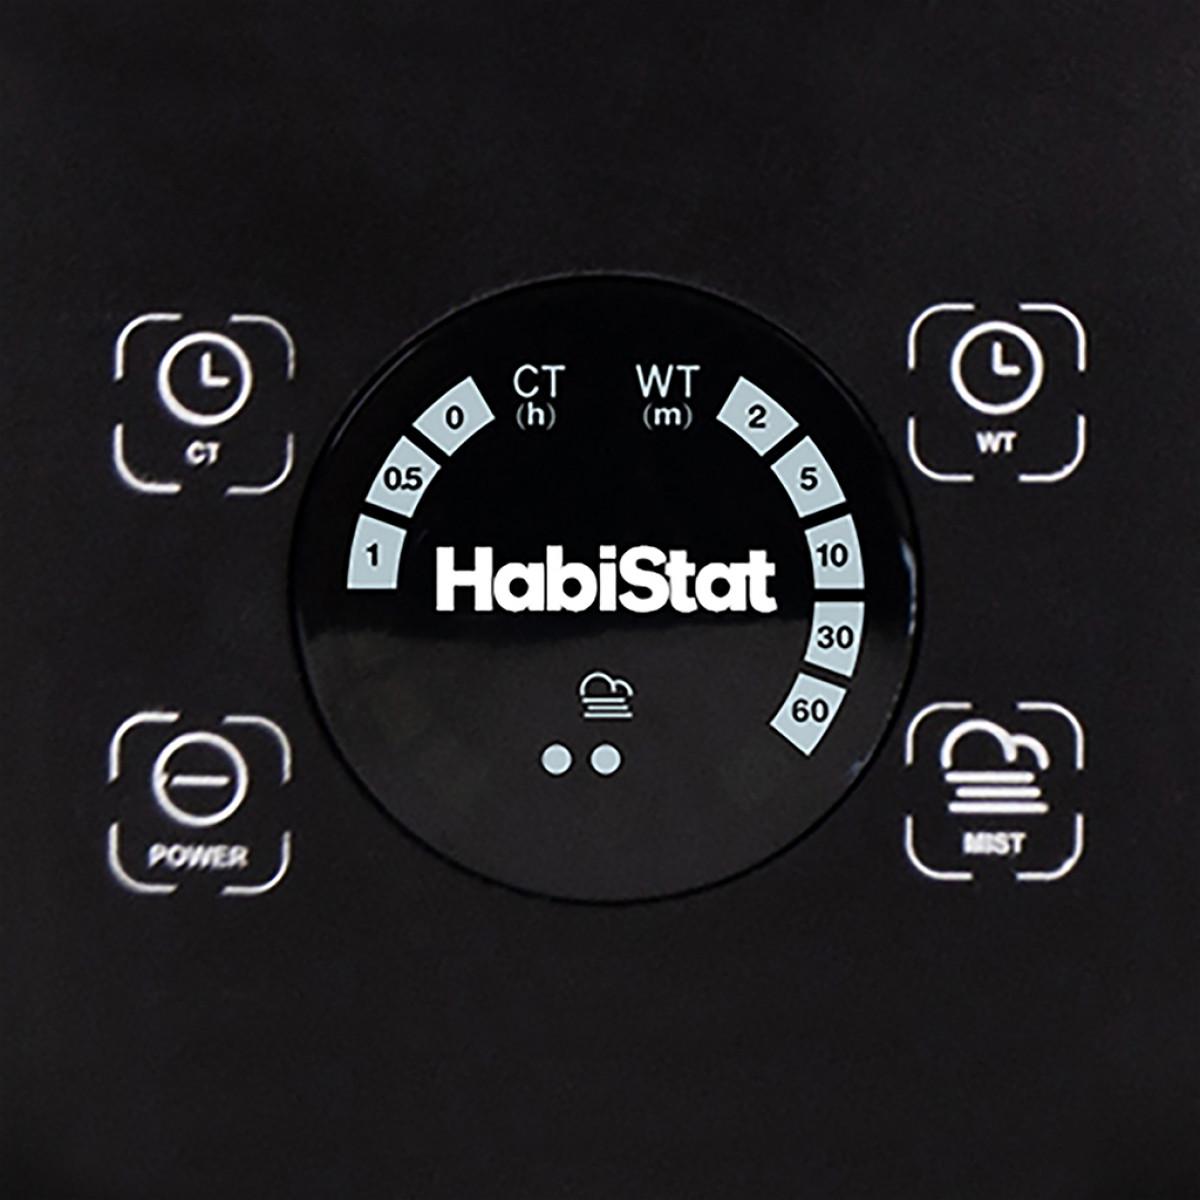 Hdh01 5